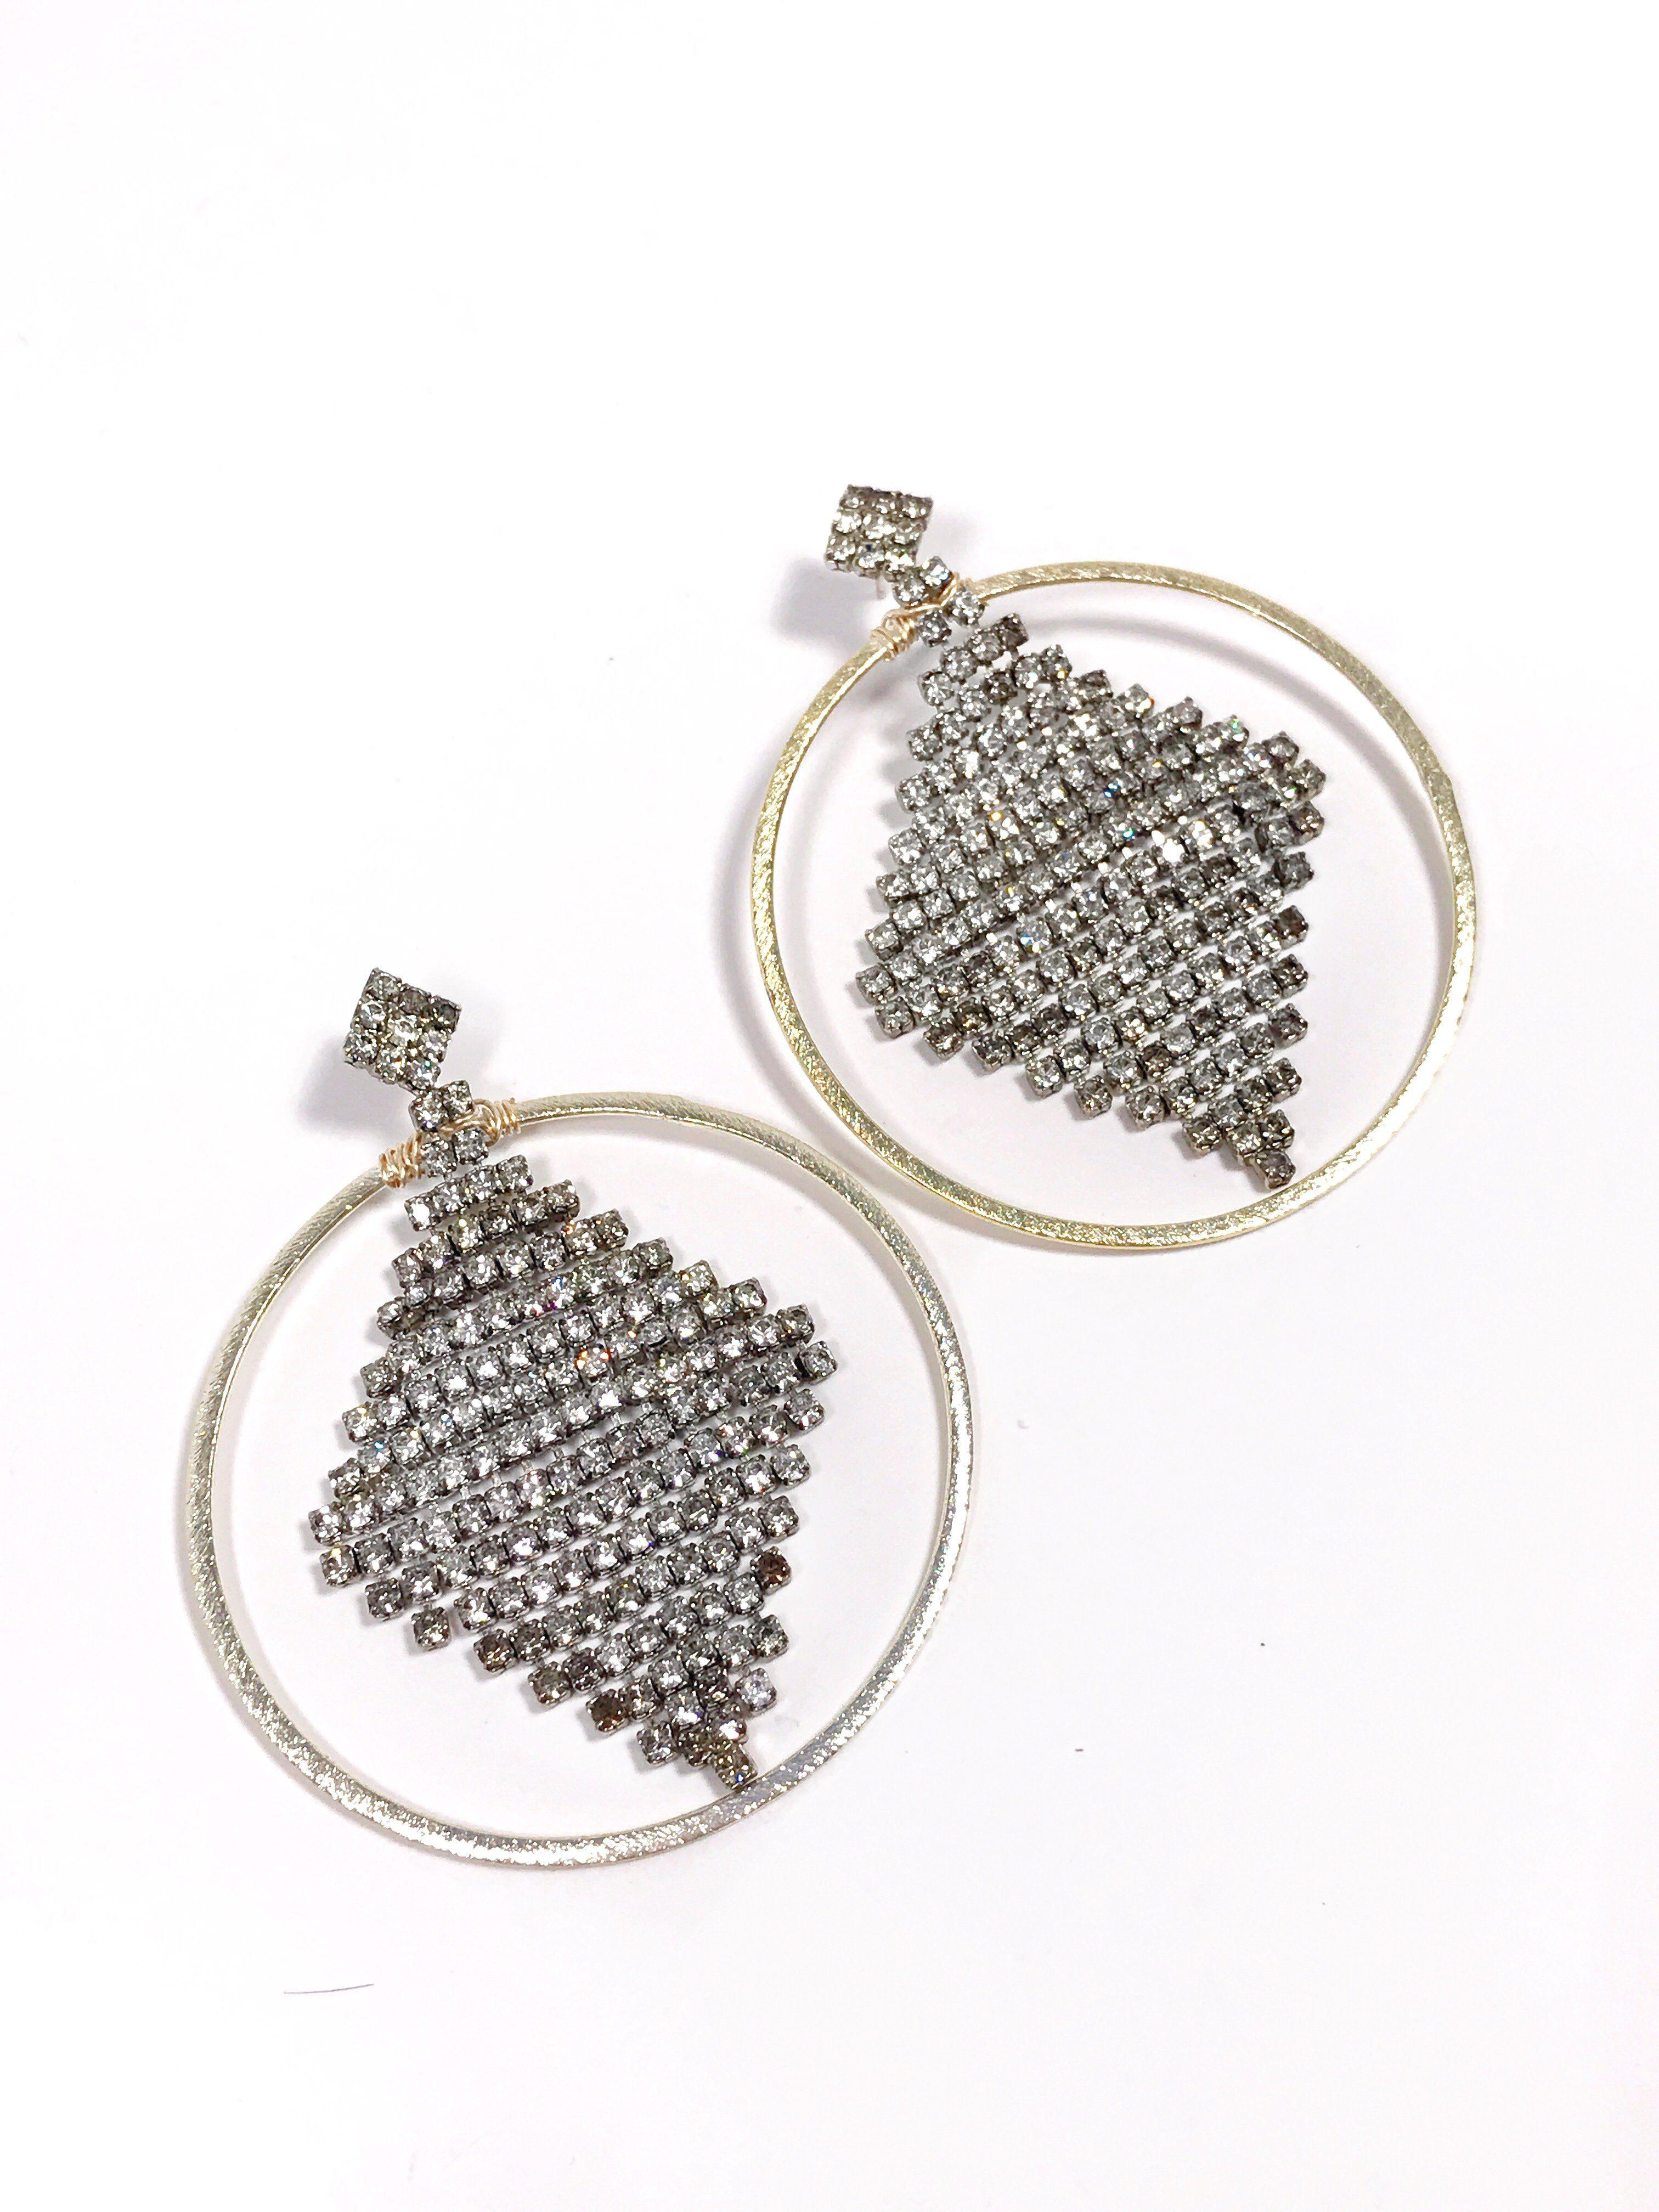 Party earrings Statement earrings Chandelier earrings Holiday earrings Wedding earrings Ear jacket